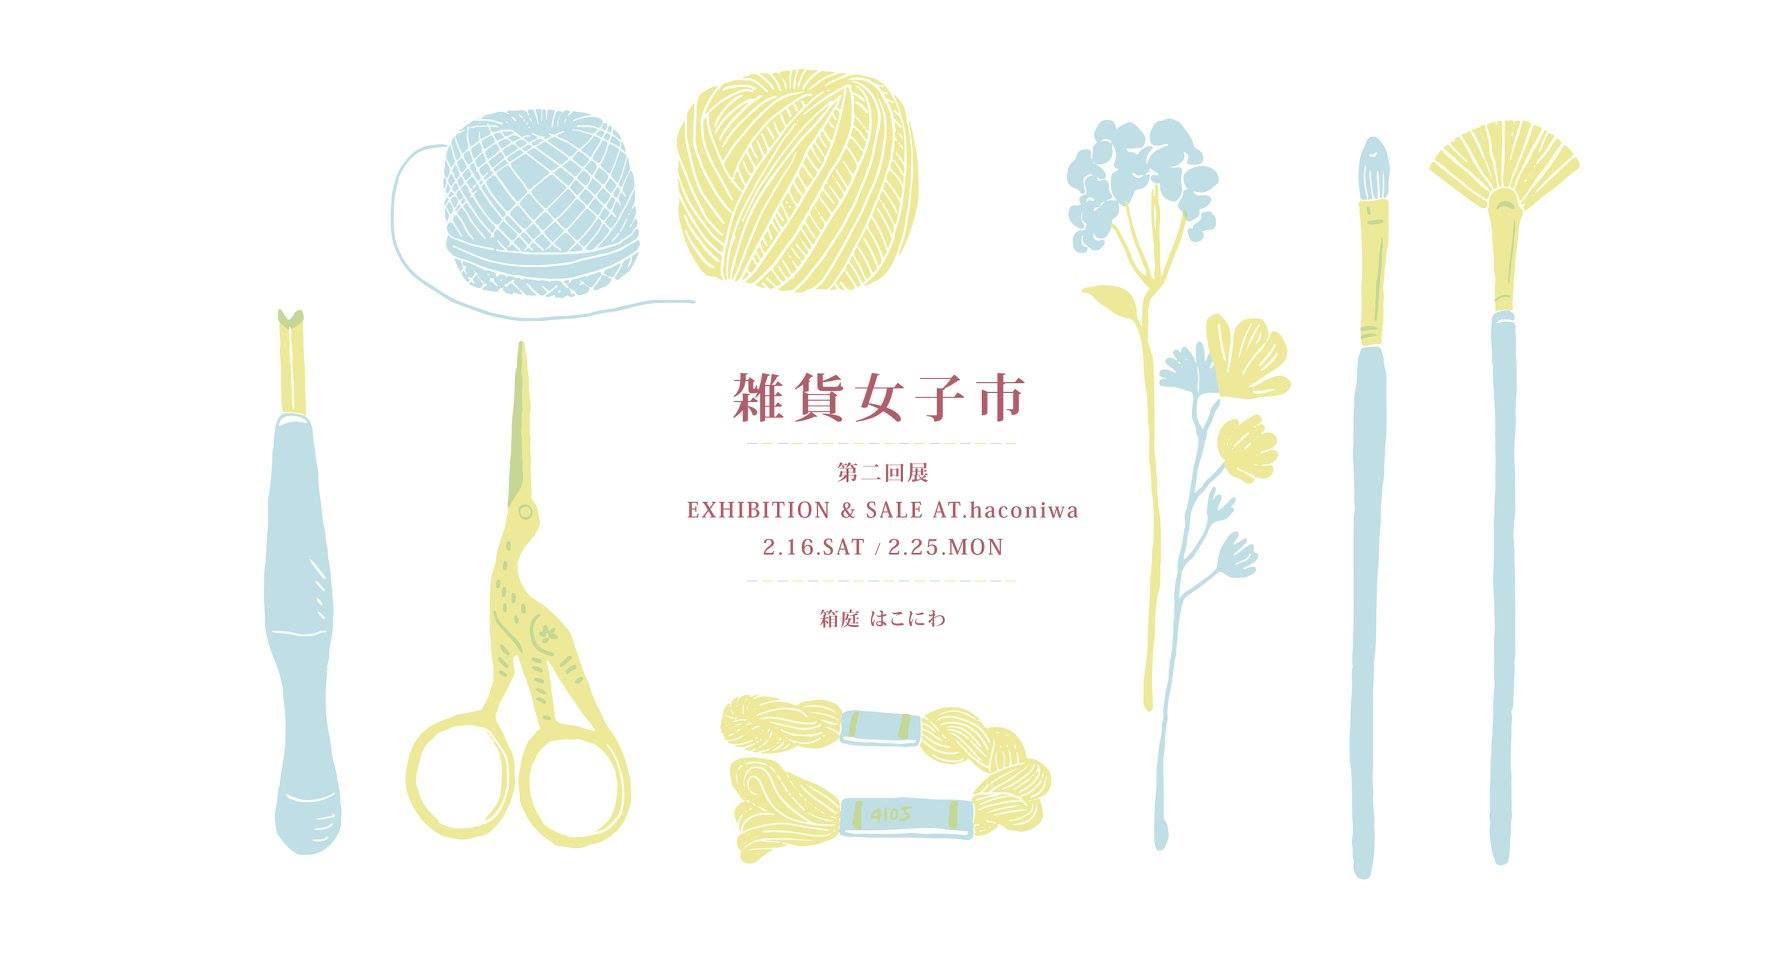 2019年2月16日-25日 雑貨女子市・第二回展 @台湾・台中